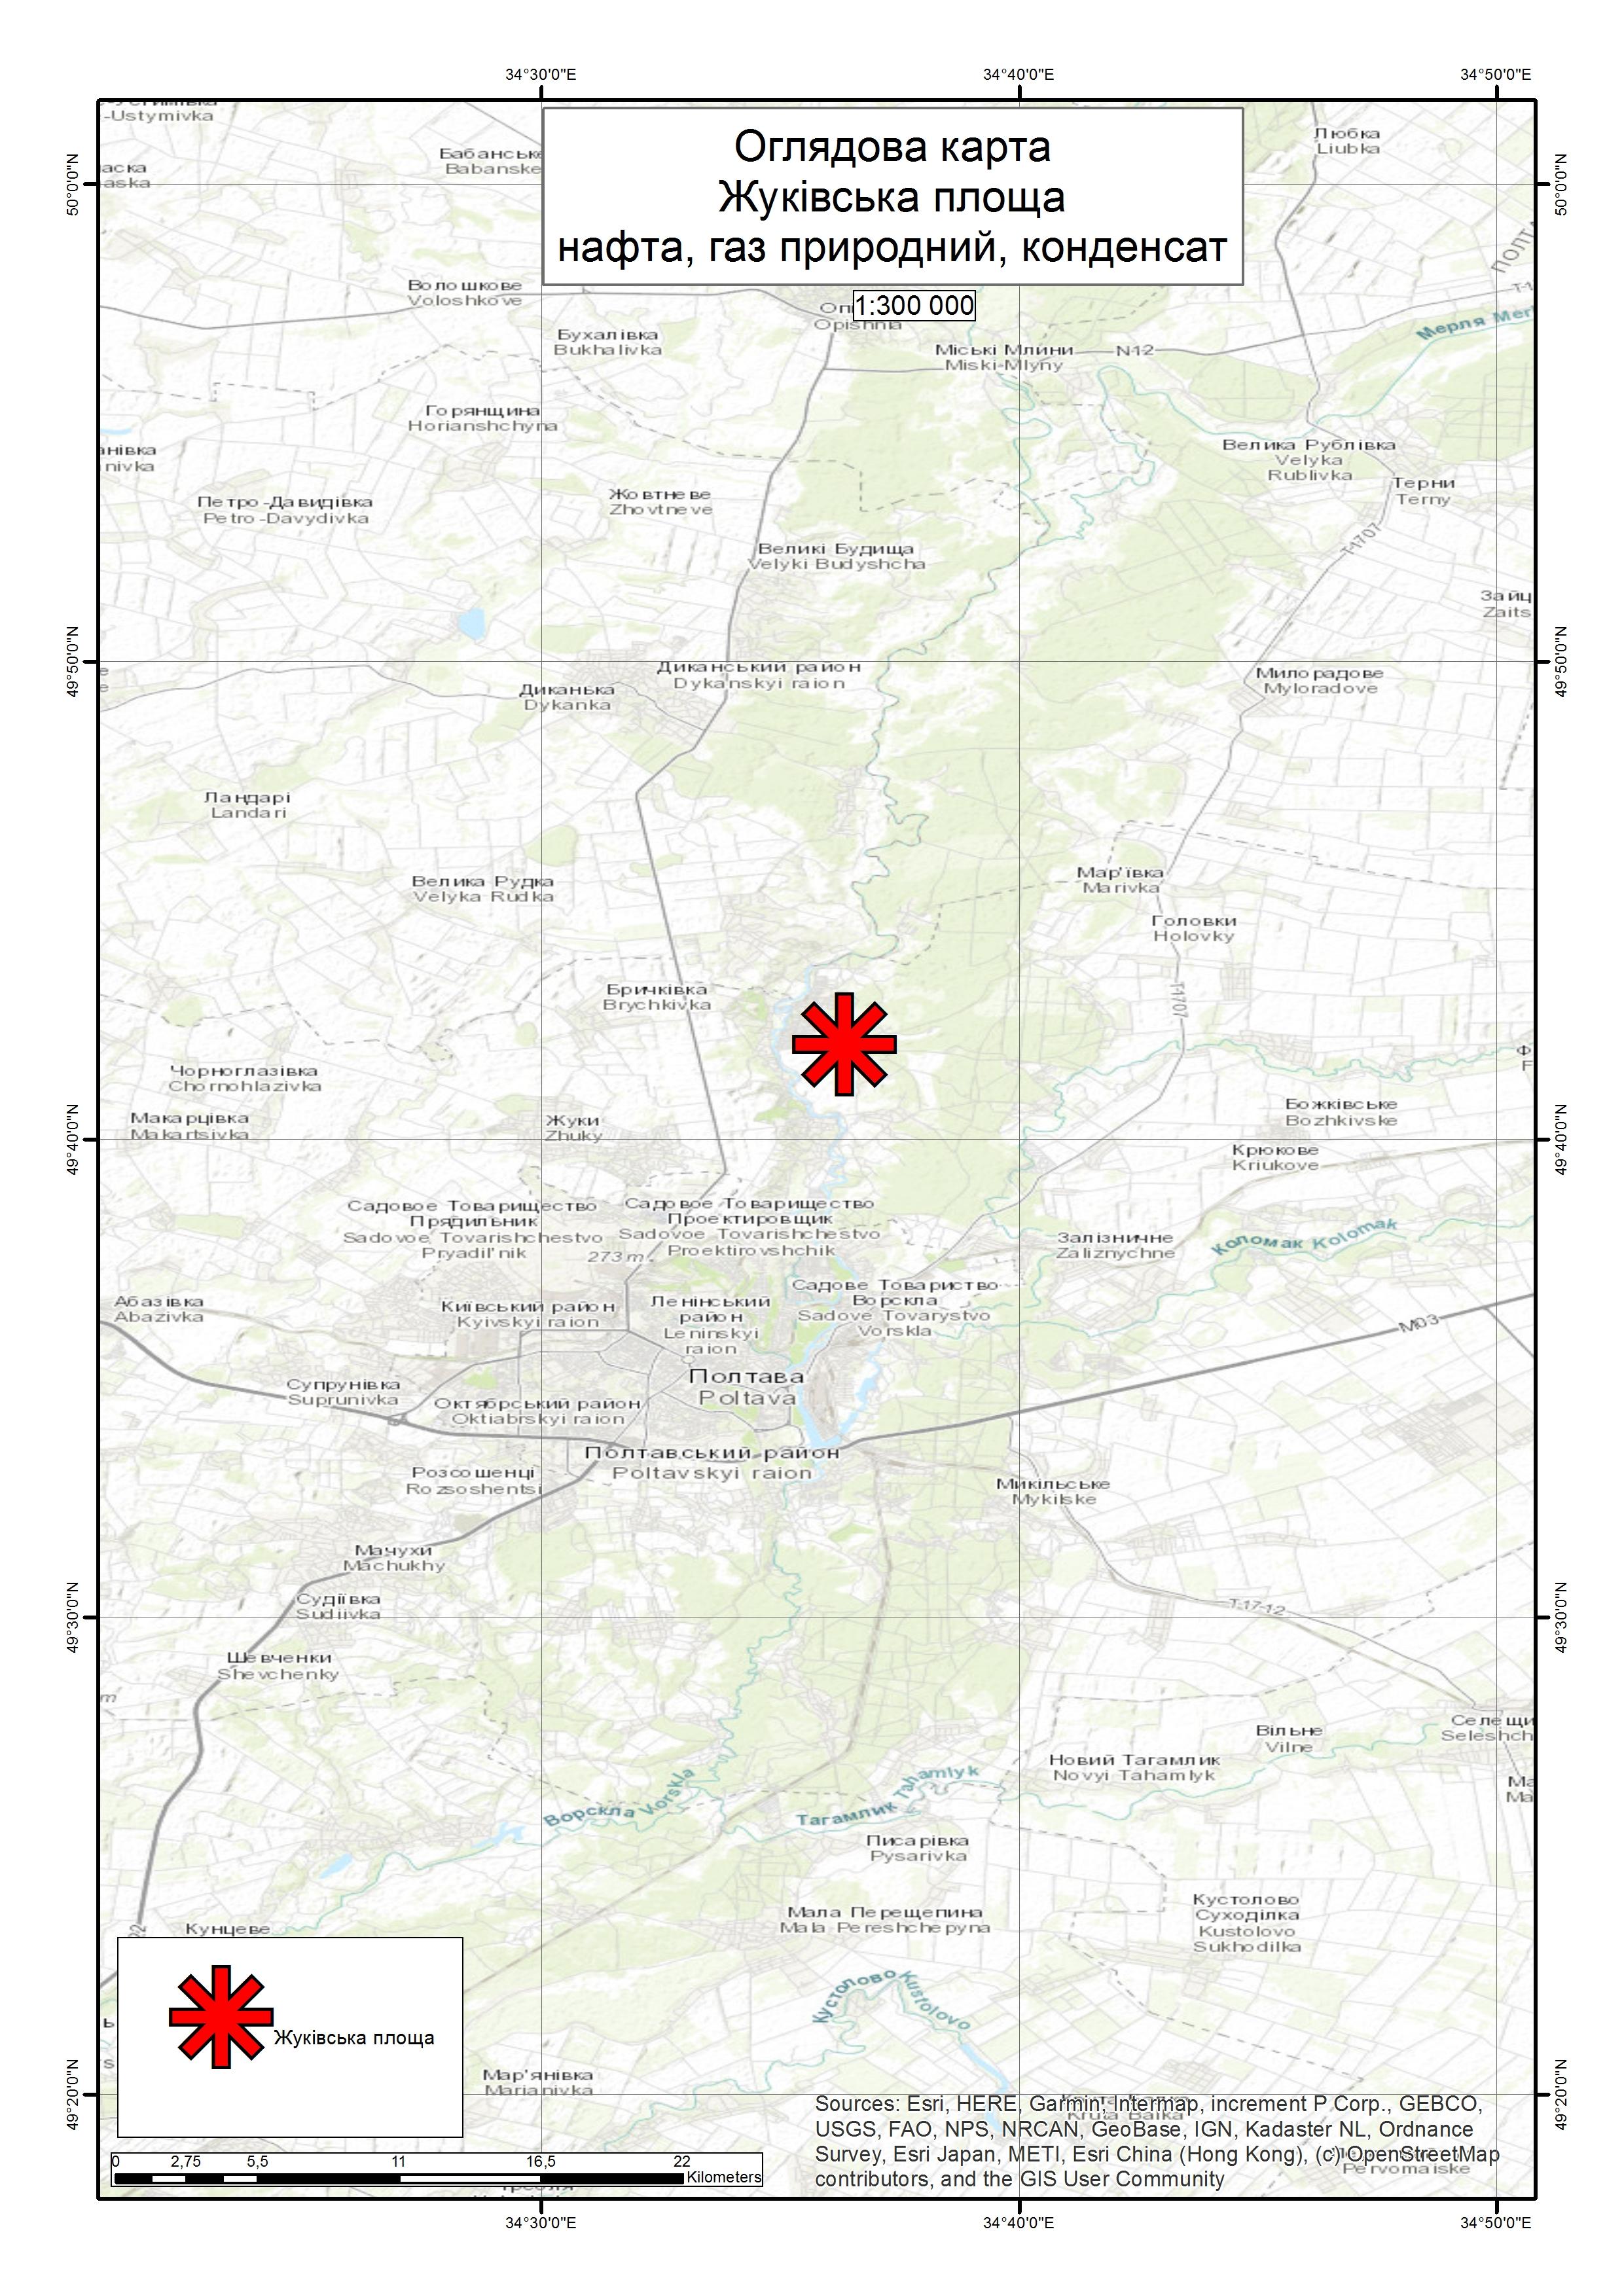 Спеціальний дозвіл на користування надрами – Жуківська площа. Вартість геологічної інформації – 2 172 513,84 грн (з ПДВ). Вартість пакету аукціонної документації – 72 550 грн (з ПДВ).